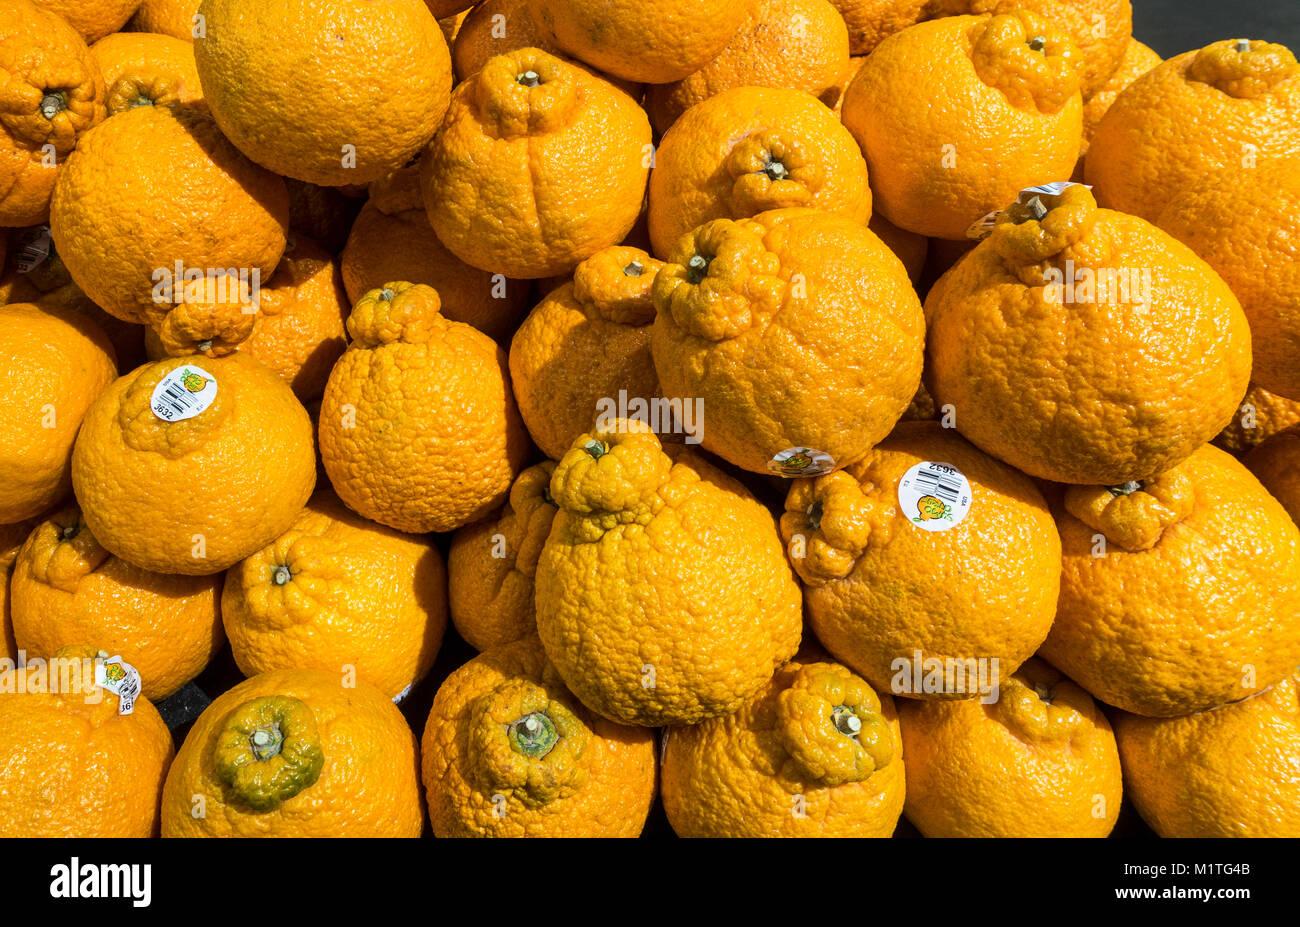 California Sumo arance in una New York supermercato Immagini Stock